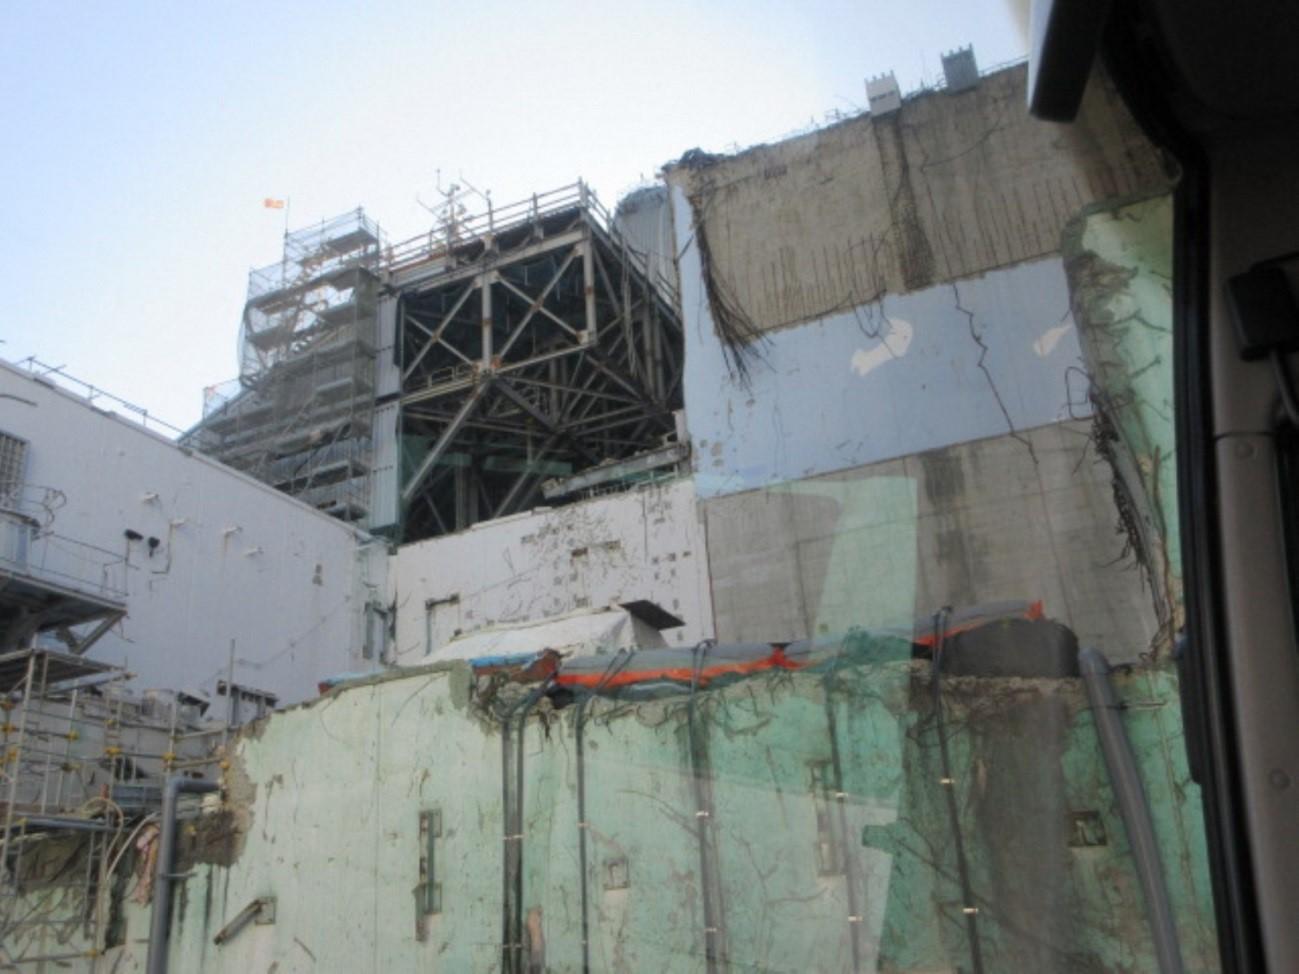 Damage to Reactor 1